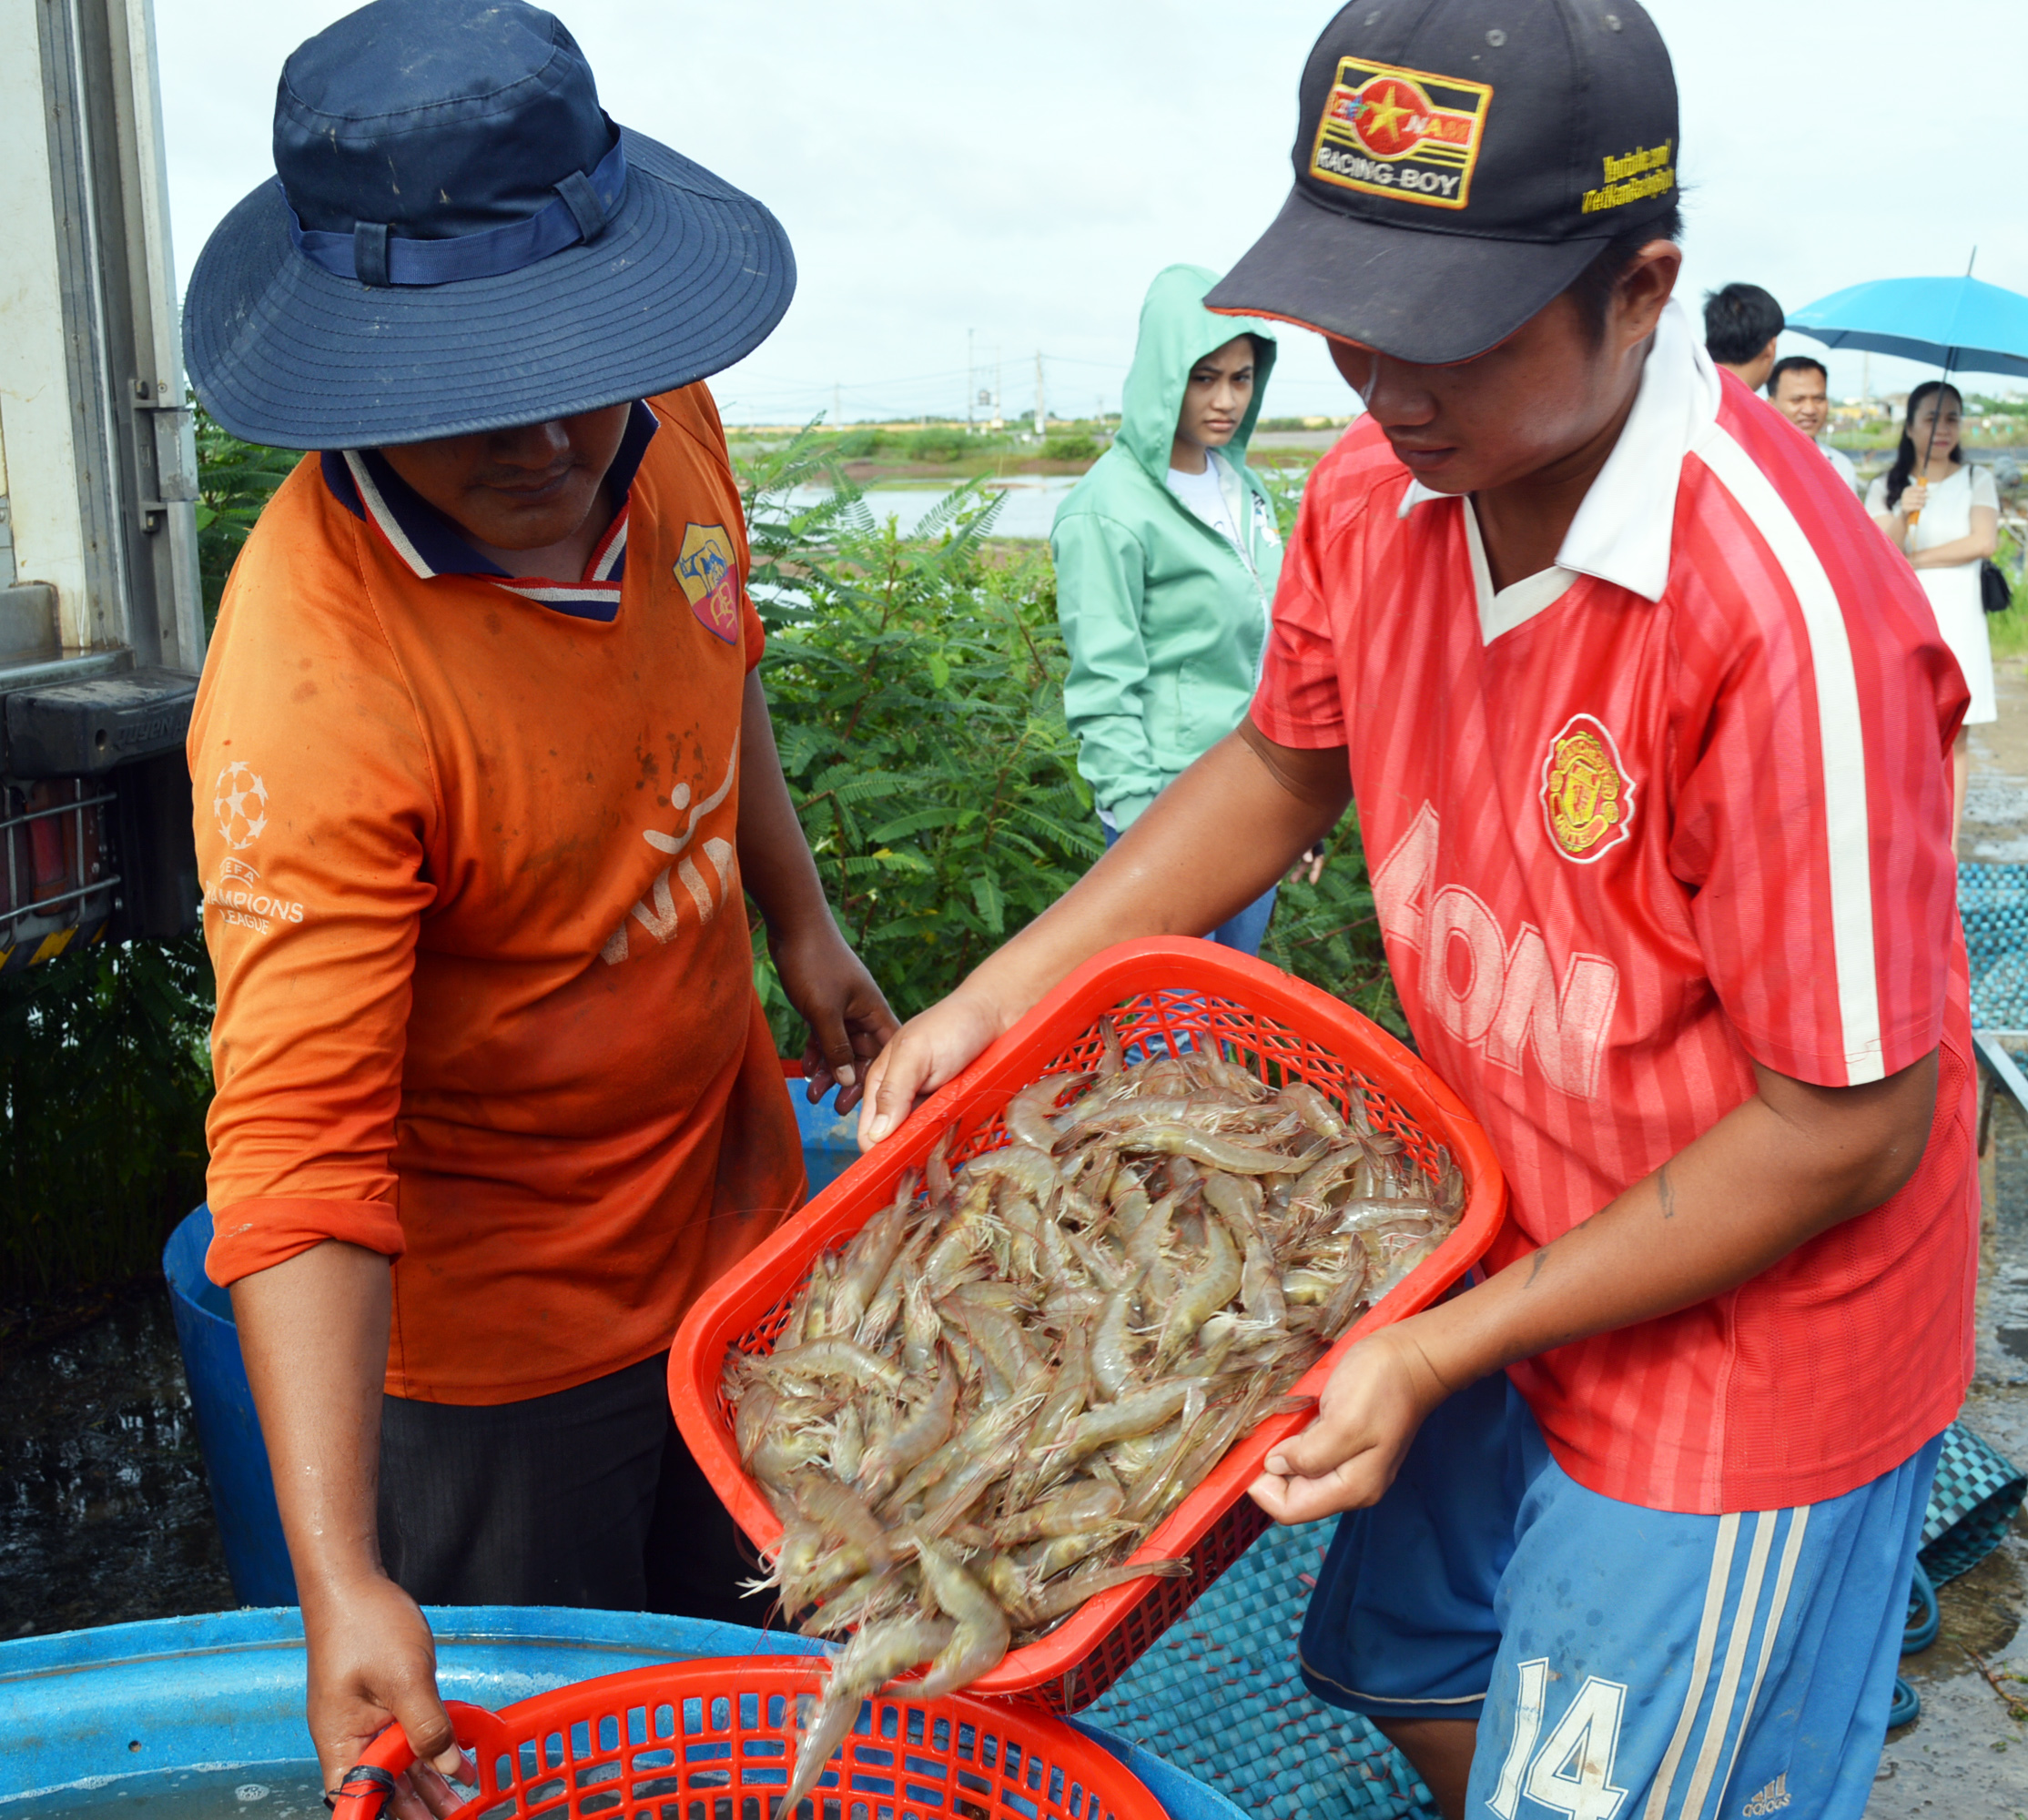 Mỹ - Nga săn hàng, Nhật Bản tăng mua, mới 4 tháng loài thủy sản này của Việt Nam đã thu tỷ USD - Ảnh 1.